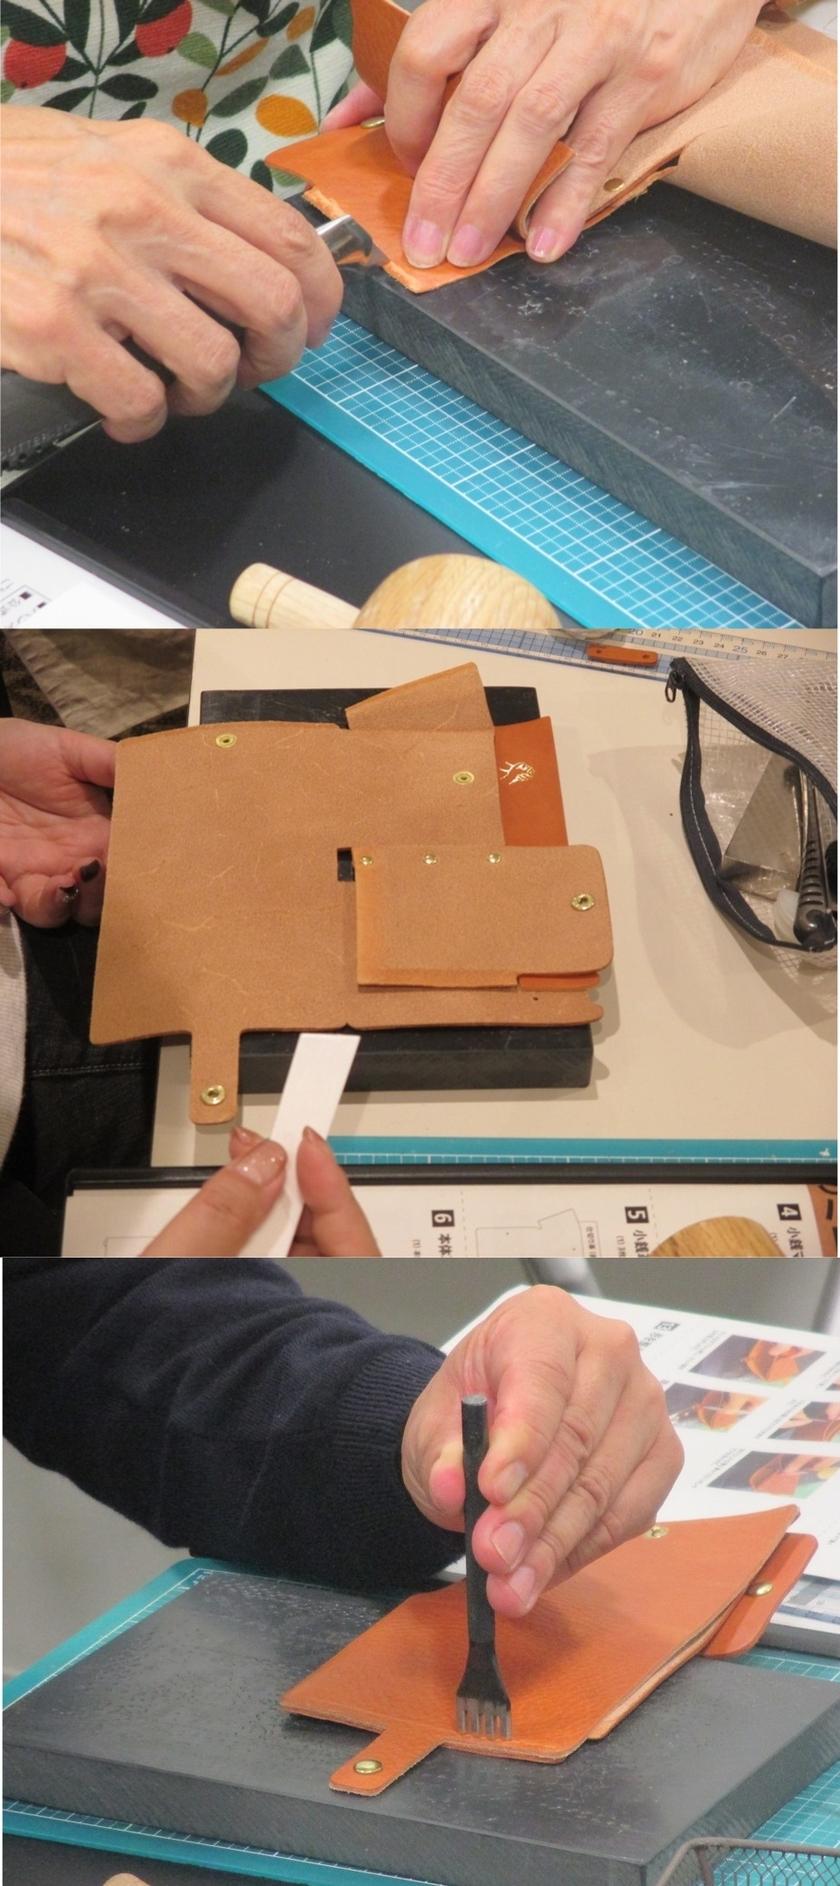 革を縫い付ける工程です。縫い付ける前に本体の型を整えて、縫い代に接着剤をのせて仮留めをします。その際、接着剤をのせ易くする為に、カッターの刃で縫い代を荒らします。接着剤で仮留めをしたら、菱目打ちで針を通す下穴を開けます。